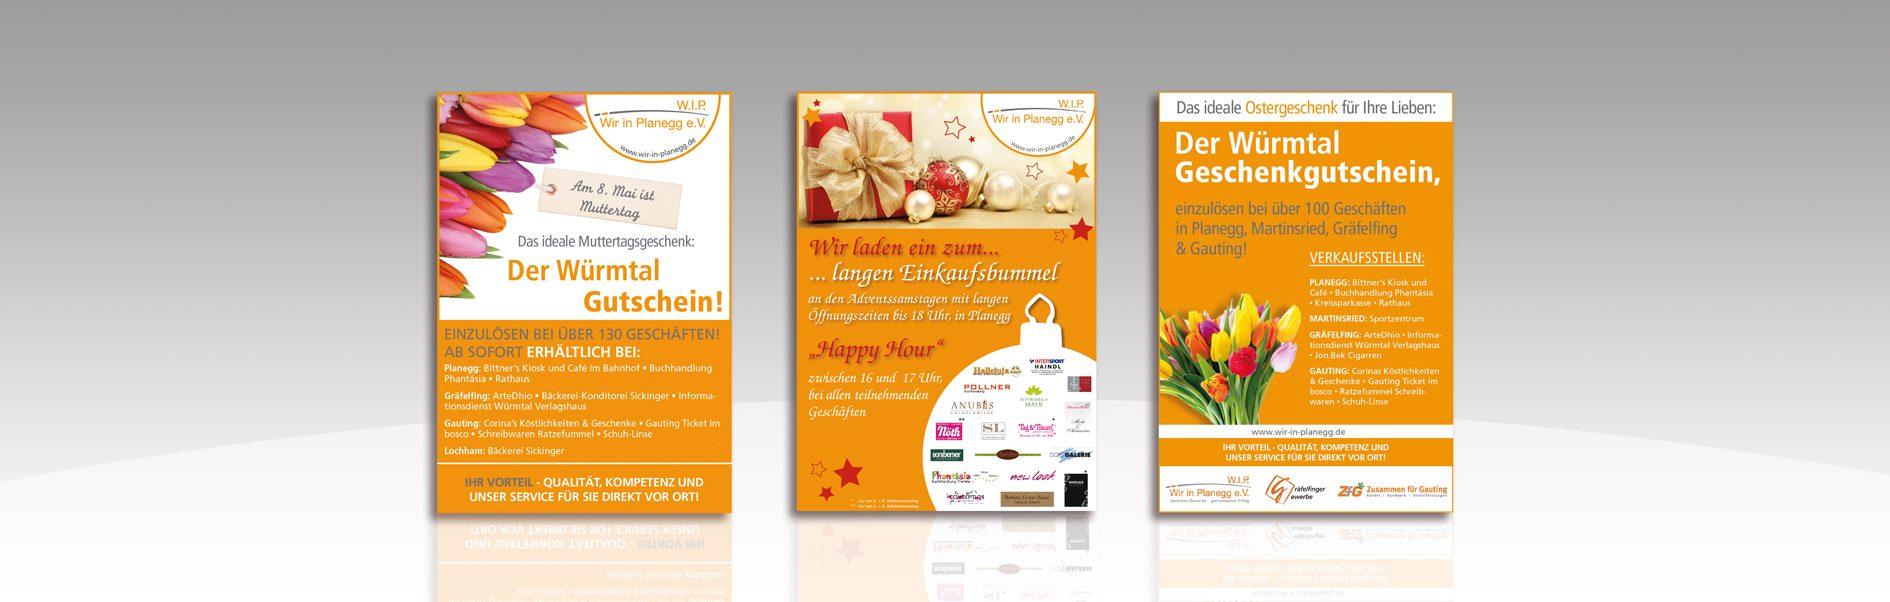 Hier sind die Anzeigen von Wir in Planegg abgebildet.